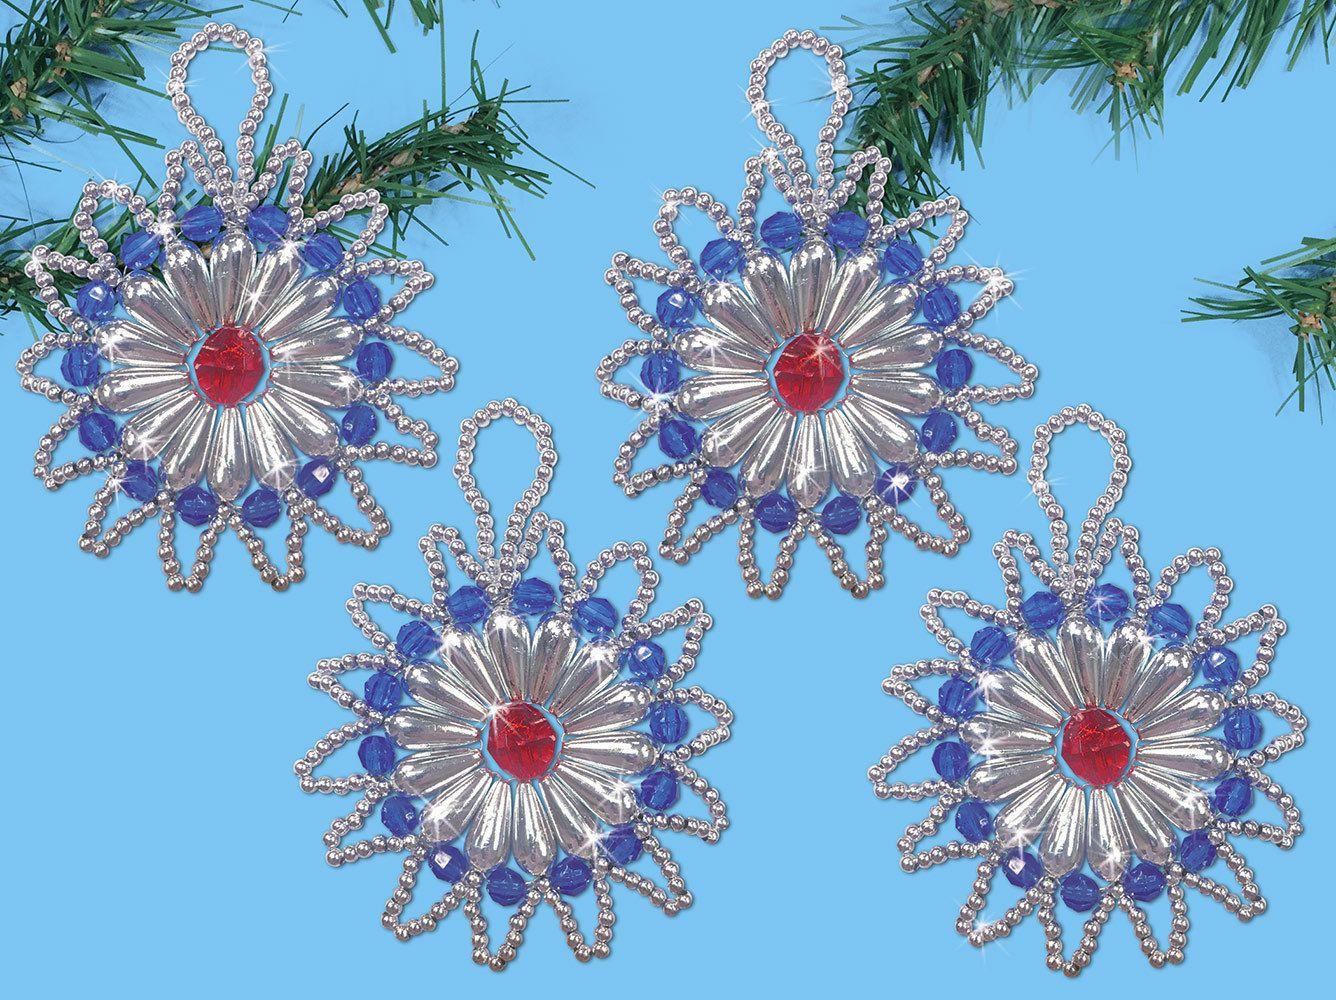 Design Works Starburst Beaded Ornament Kit Ebay Beaded Ornaments Ornament Kit Christmas Ornament Crafts